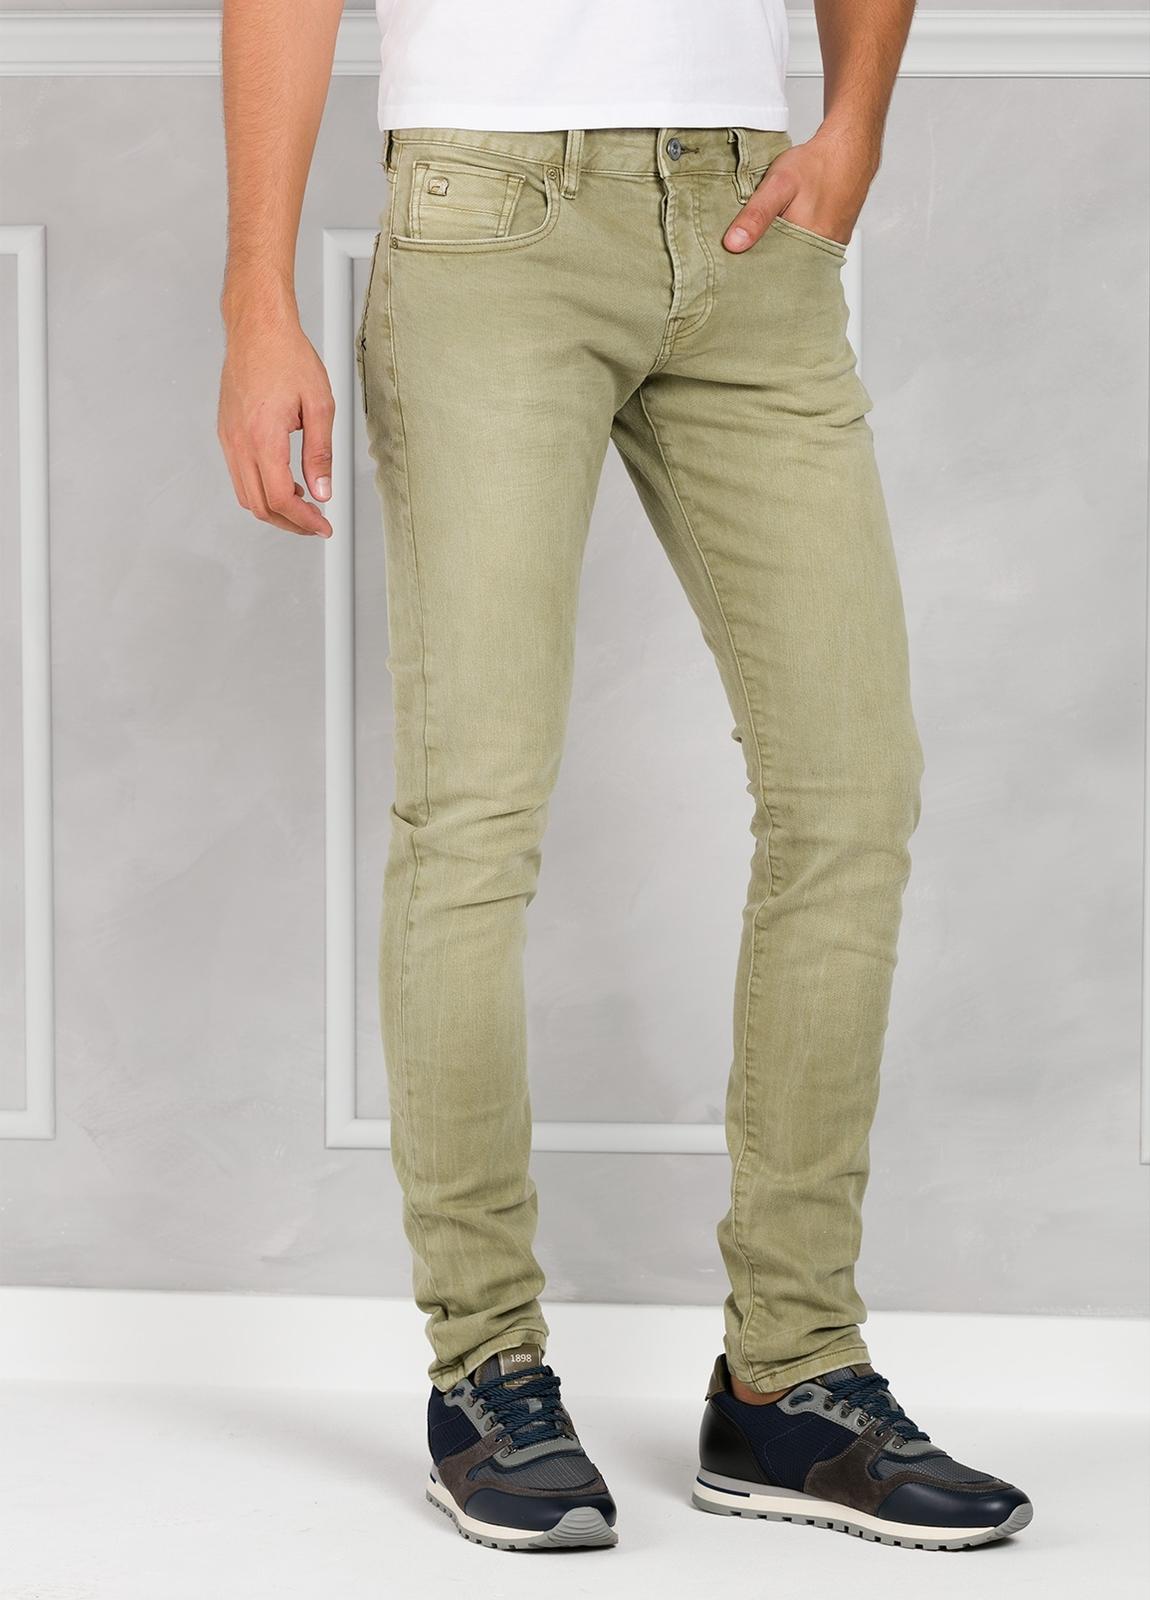 Pantalón 5 bolsillos regular slim fit denim elástico teñido en prenda color verde. 90% Algodón 8% Poliéster 2% Elastano.